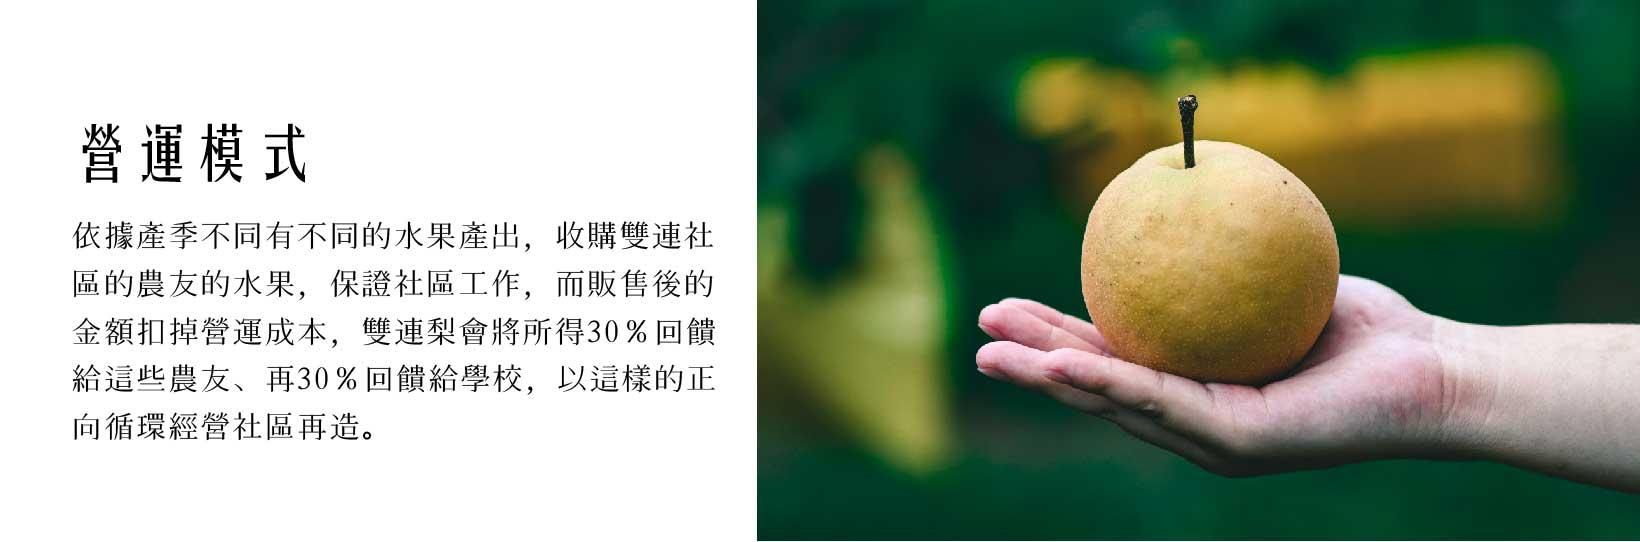 卓蘭新興水梨-手捧著梨子-說明社會企業營運模式 (2).jpg